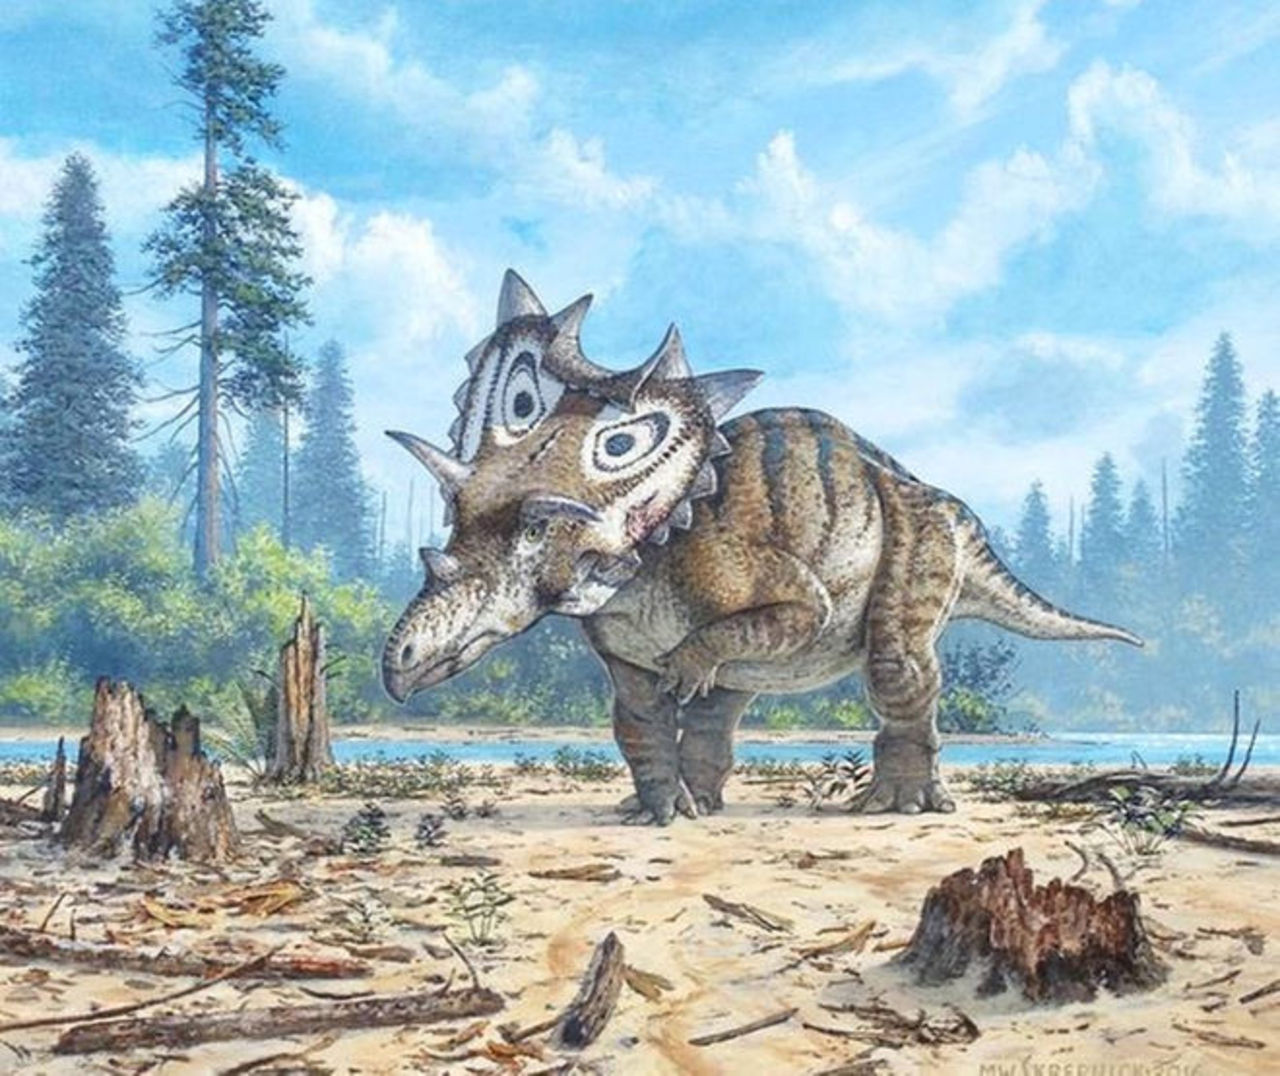 Spar efter tva nya dinosaurier har upptackts